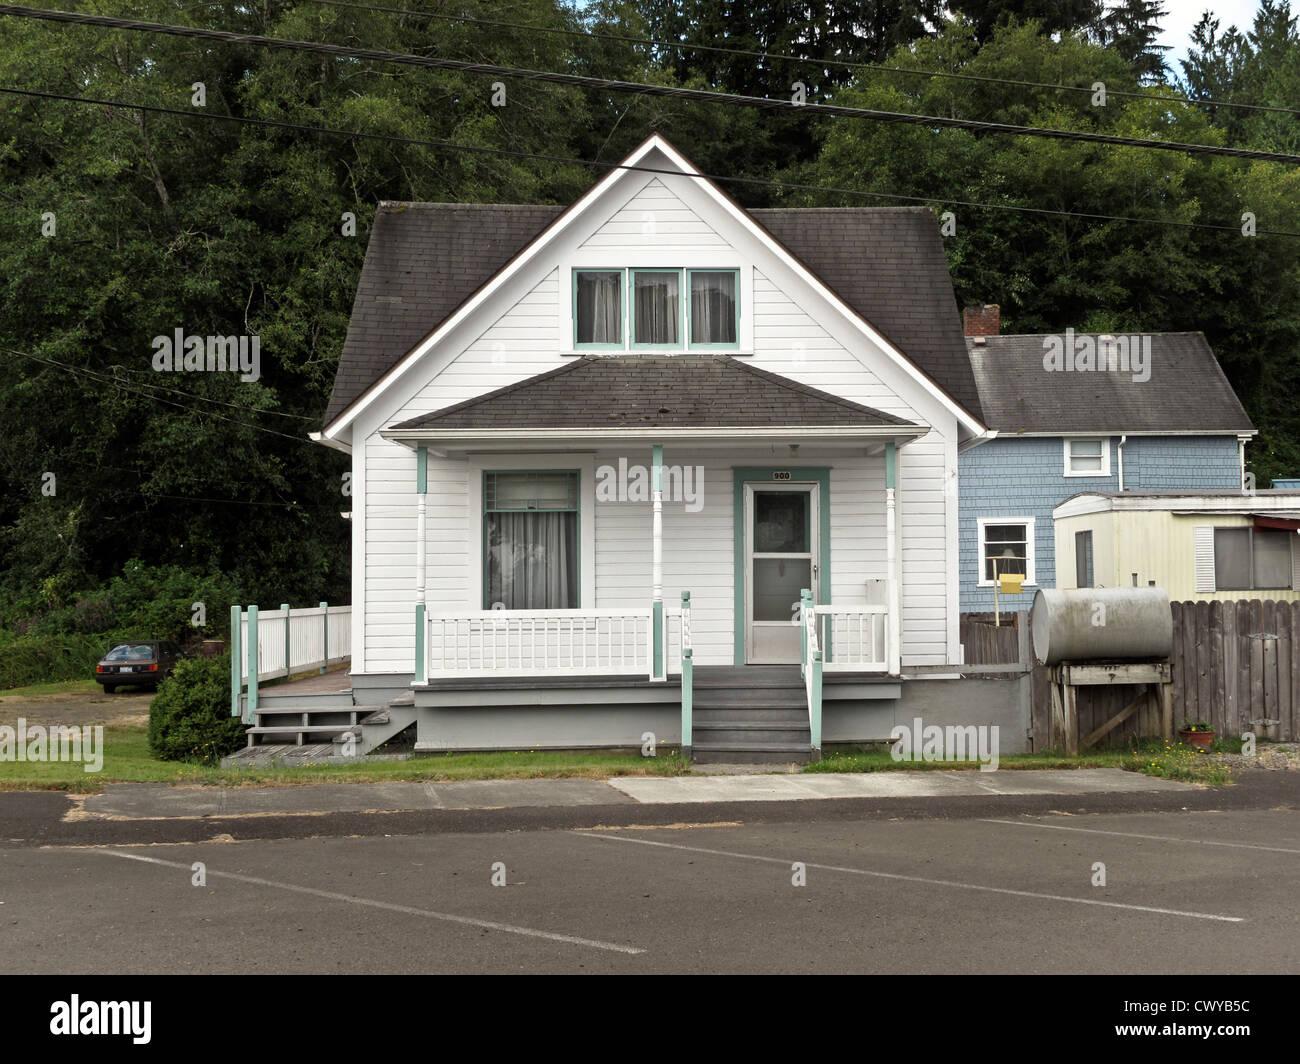 Simple petite maison de style victorien en bois blanc avec garniture bleue & porche traverser toit South Bend Photo Stock